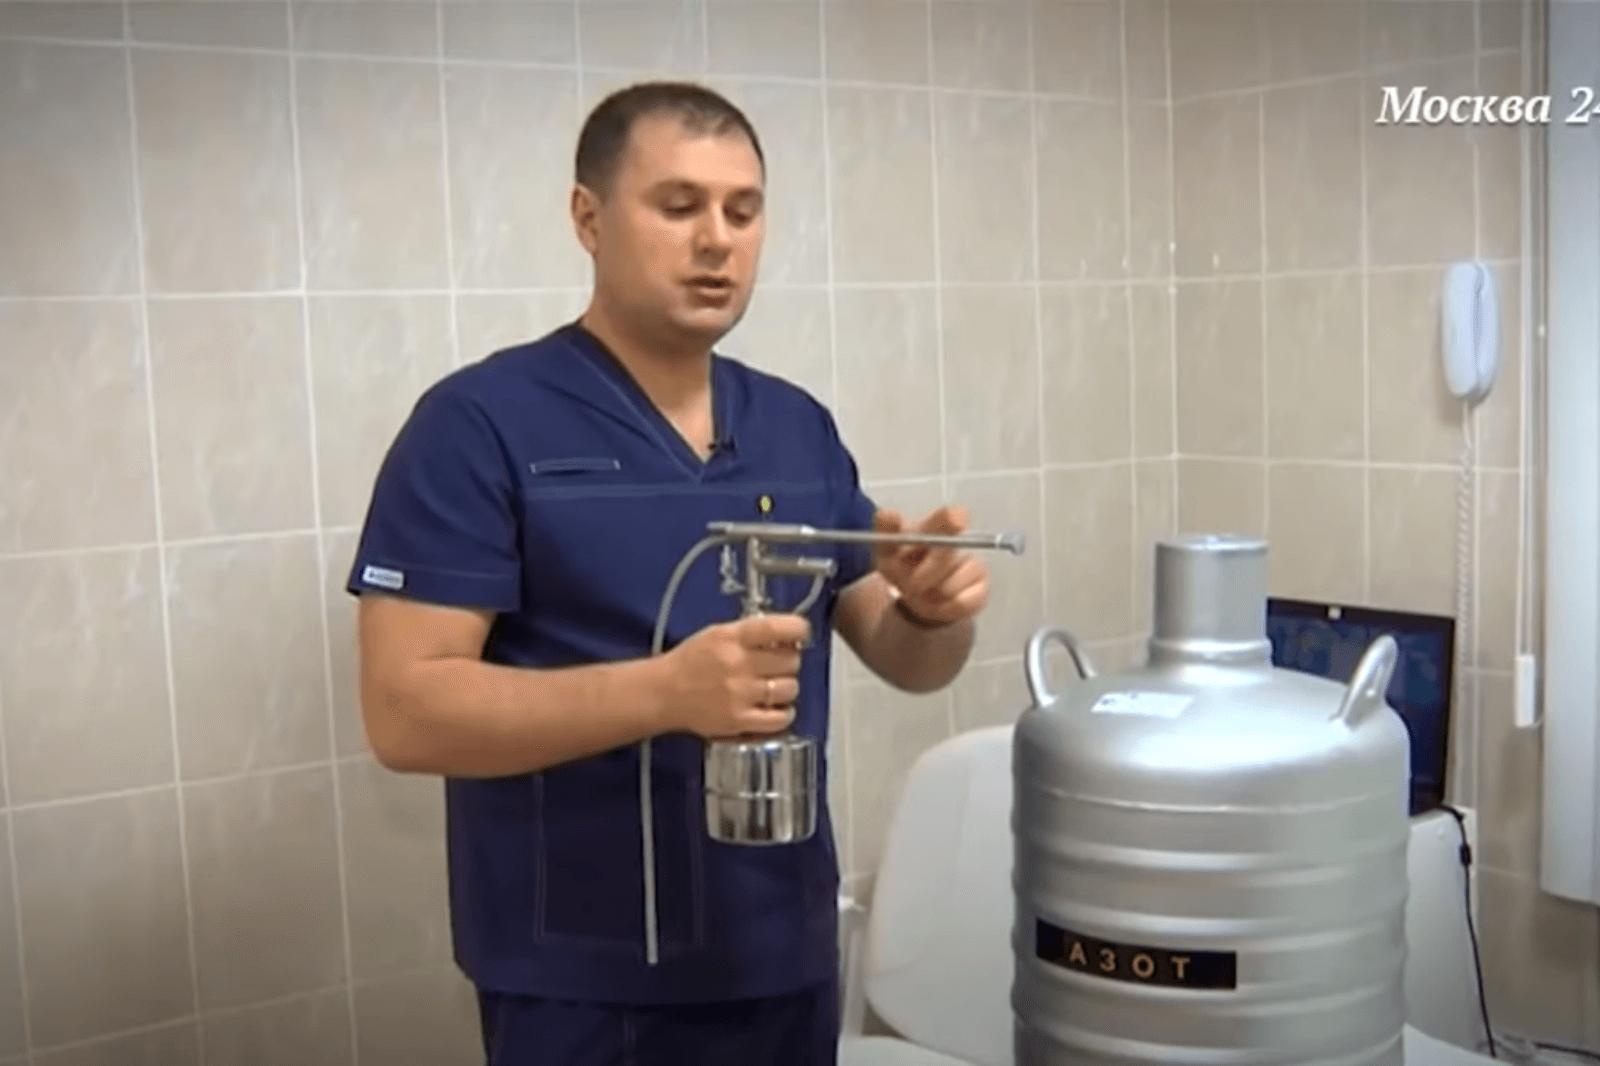 Криохирургическое лечение больных хроническим тонзиллитом, вазомоторным ринитом и хроническим фарингитом в ЛОР клинике